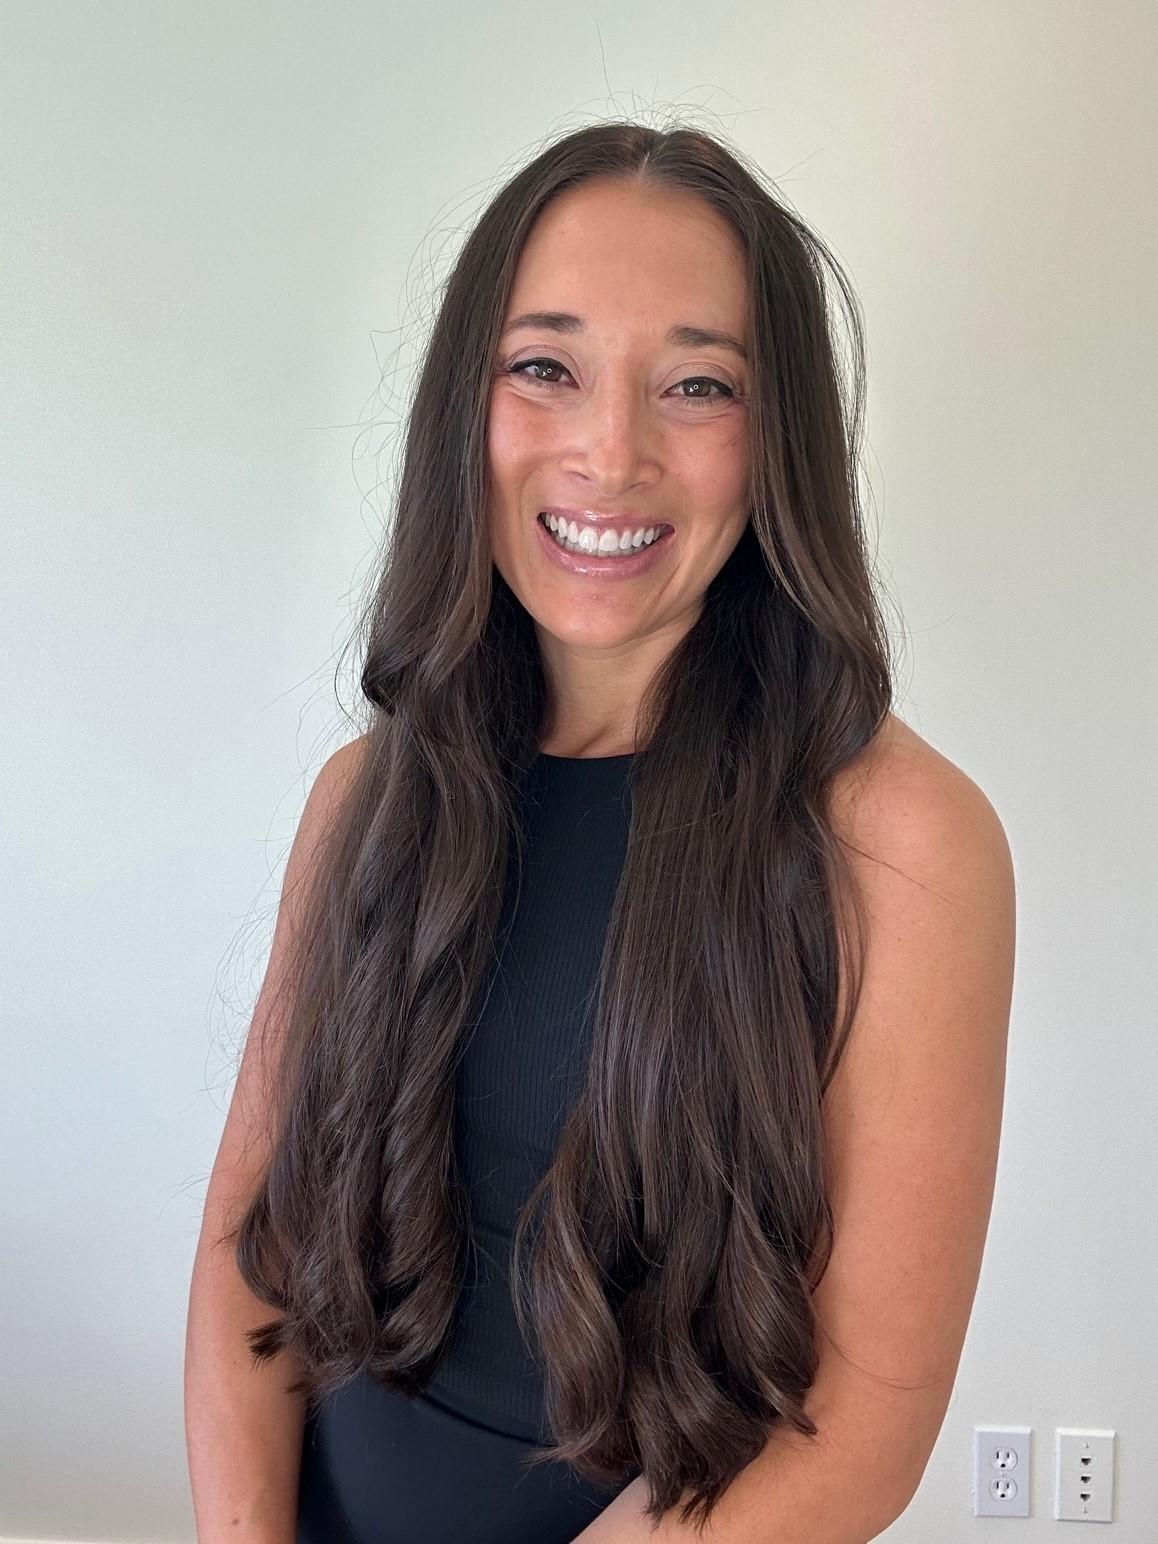 Ms. Hailey Megan Meihls